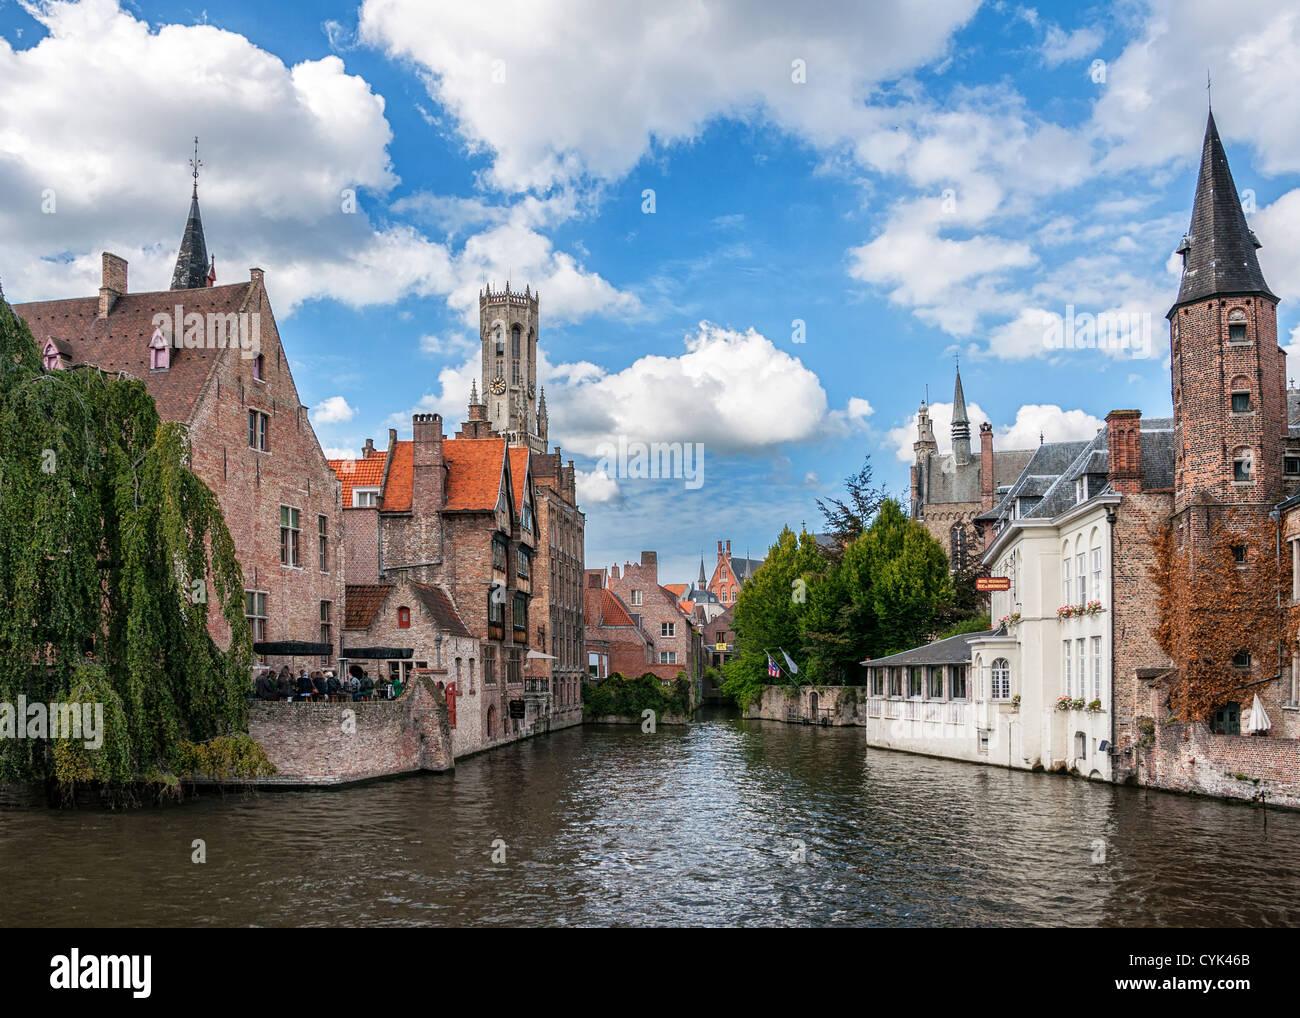 Ver más comunes de la ciudad medieval de Brujas contra el azul cielo nublado. Imagen De Stock